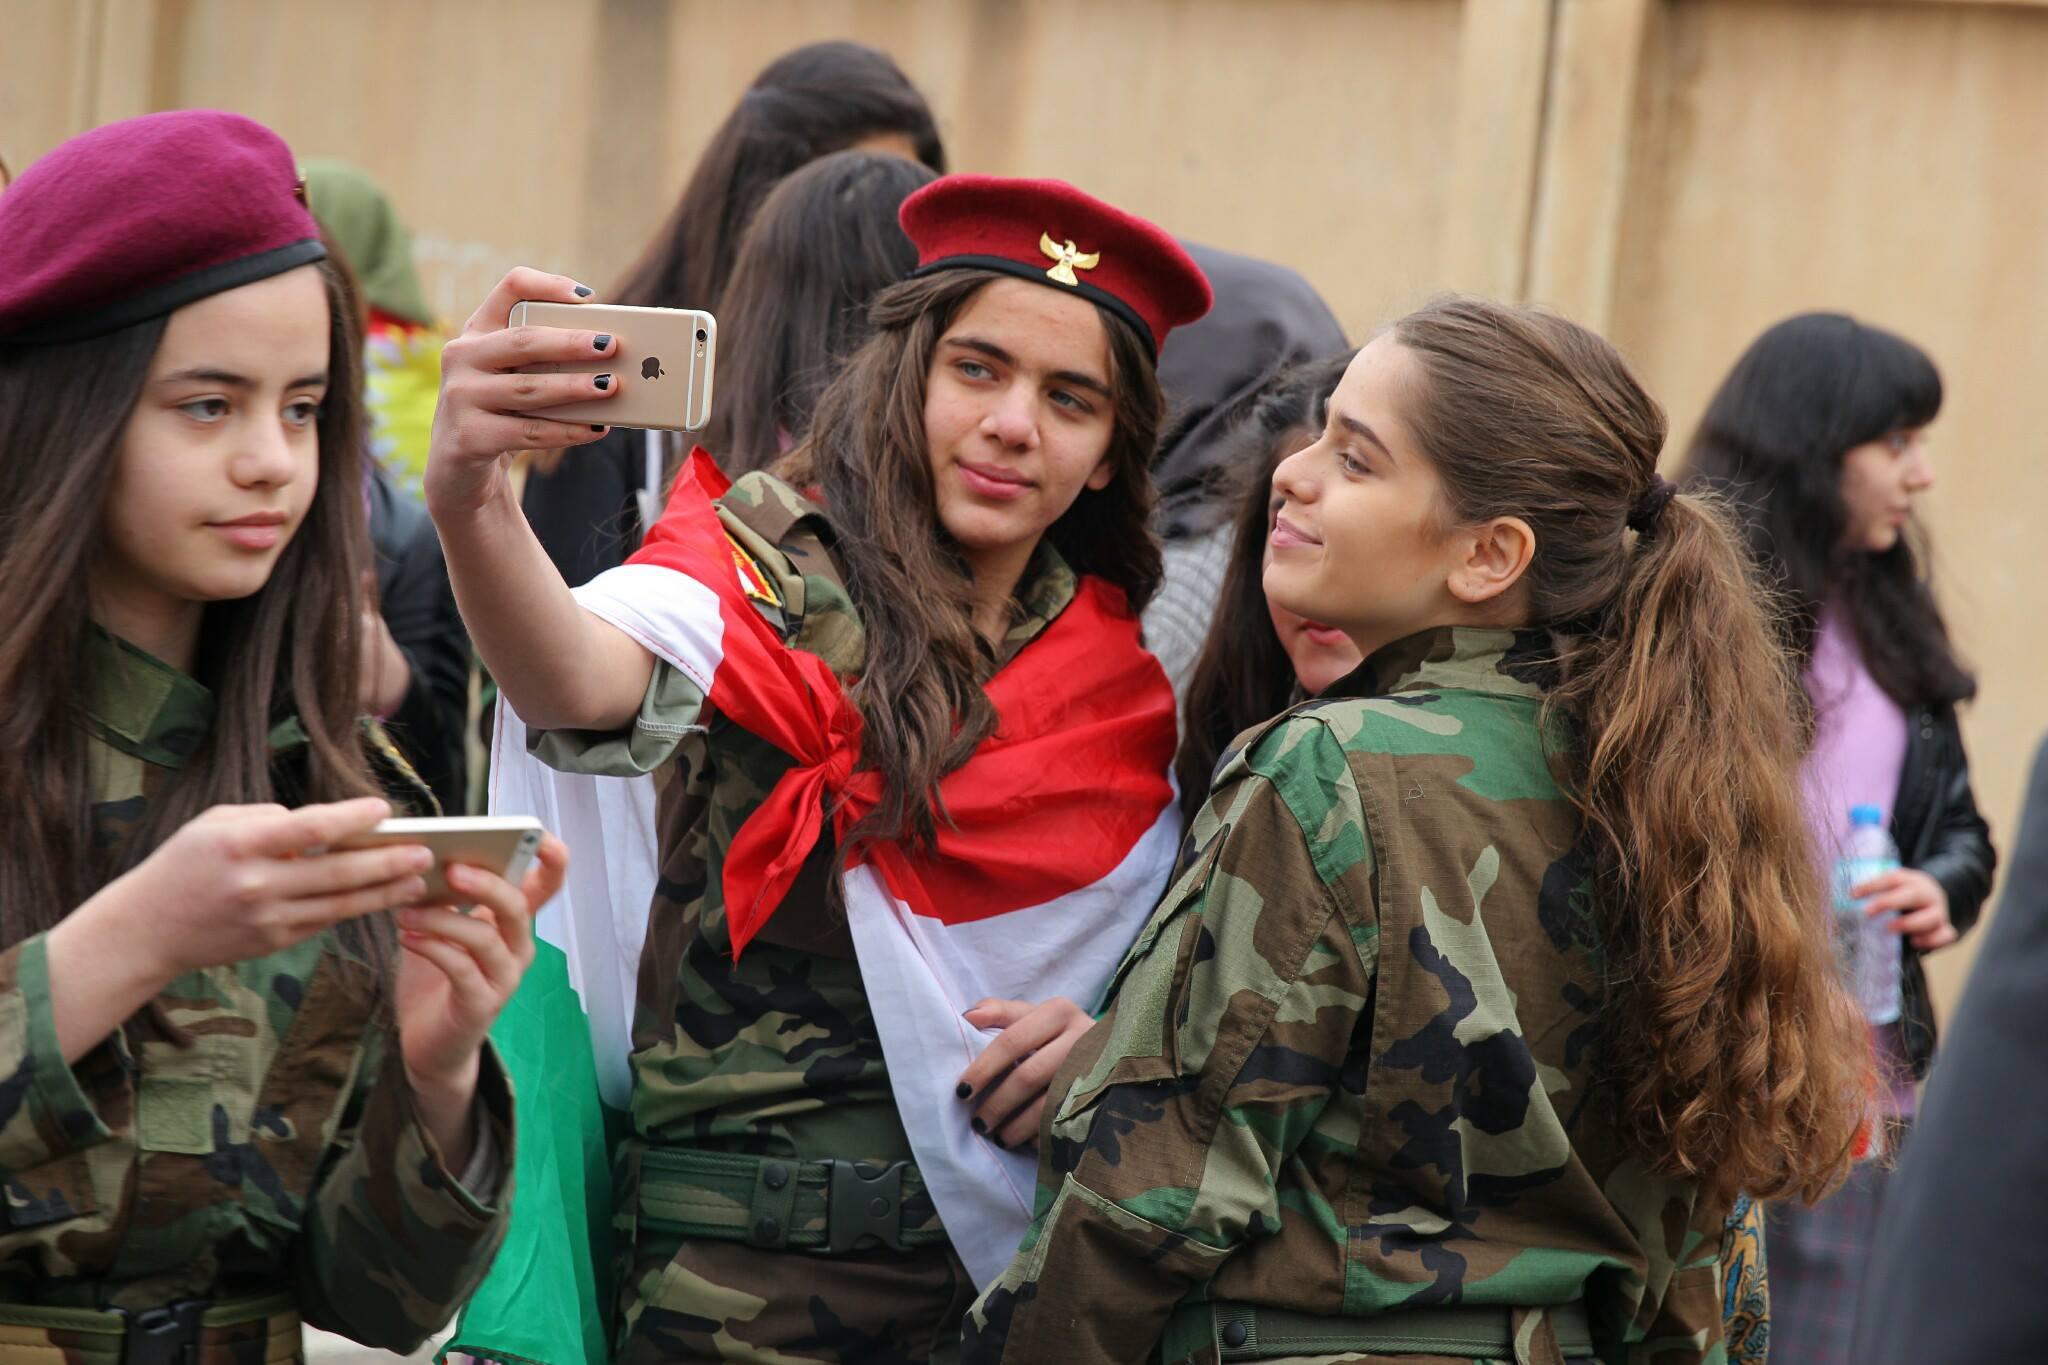 بالصور بنات كردستان , شاهد بالصور حسن الفتايات فى كردستان 3802 5